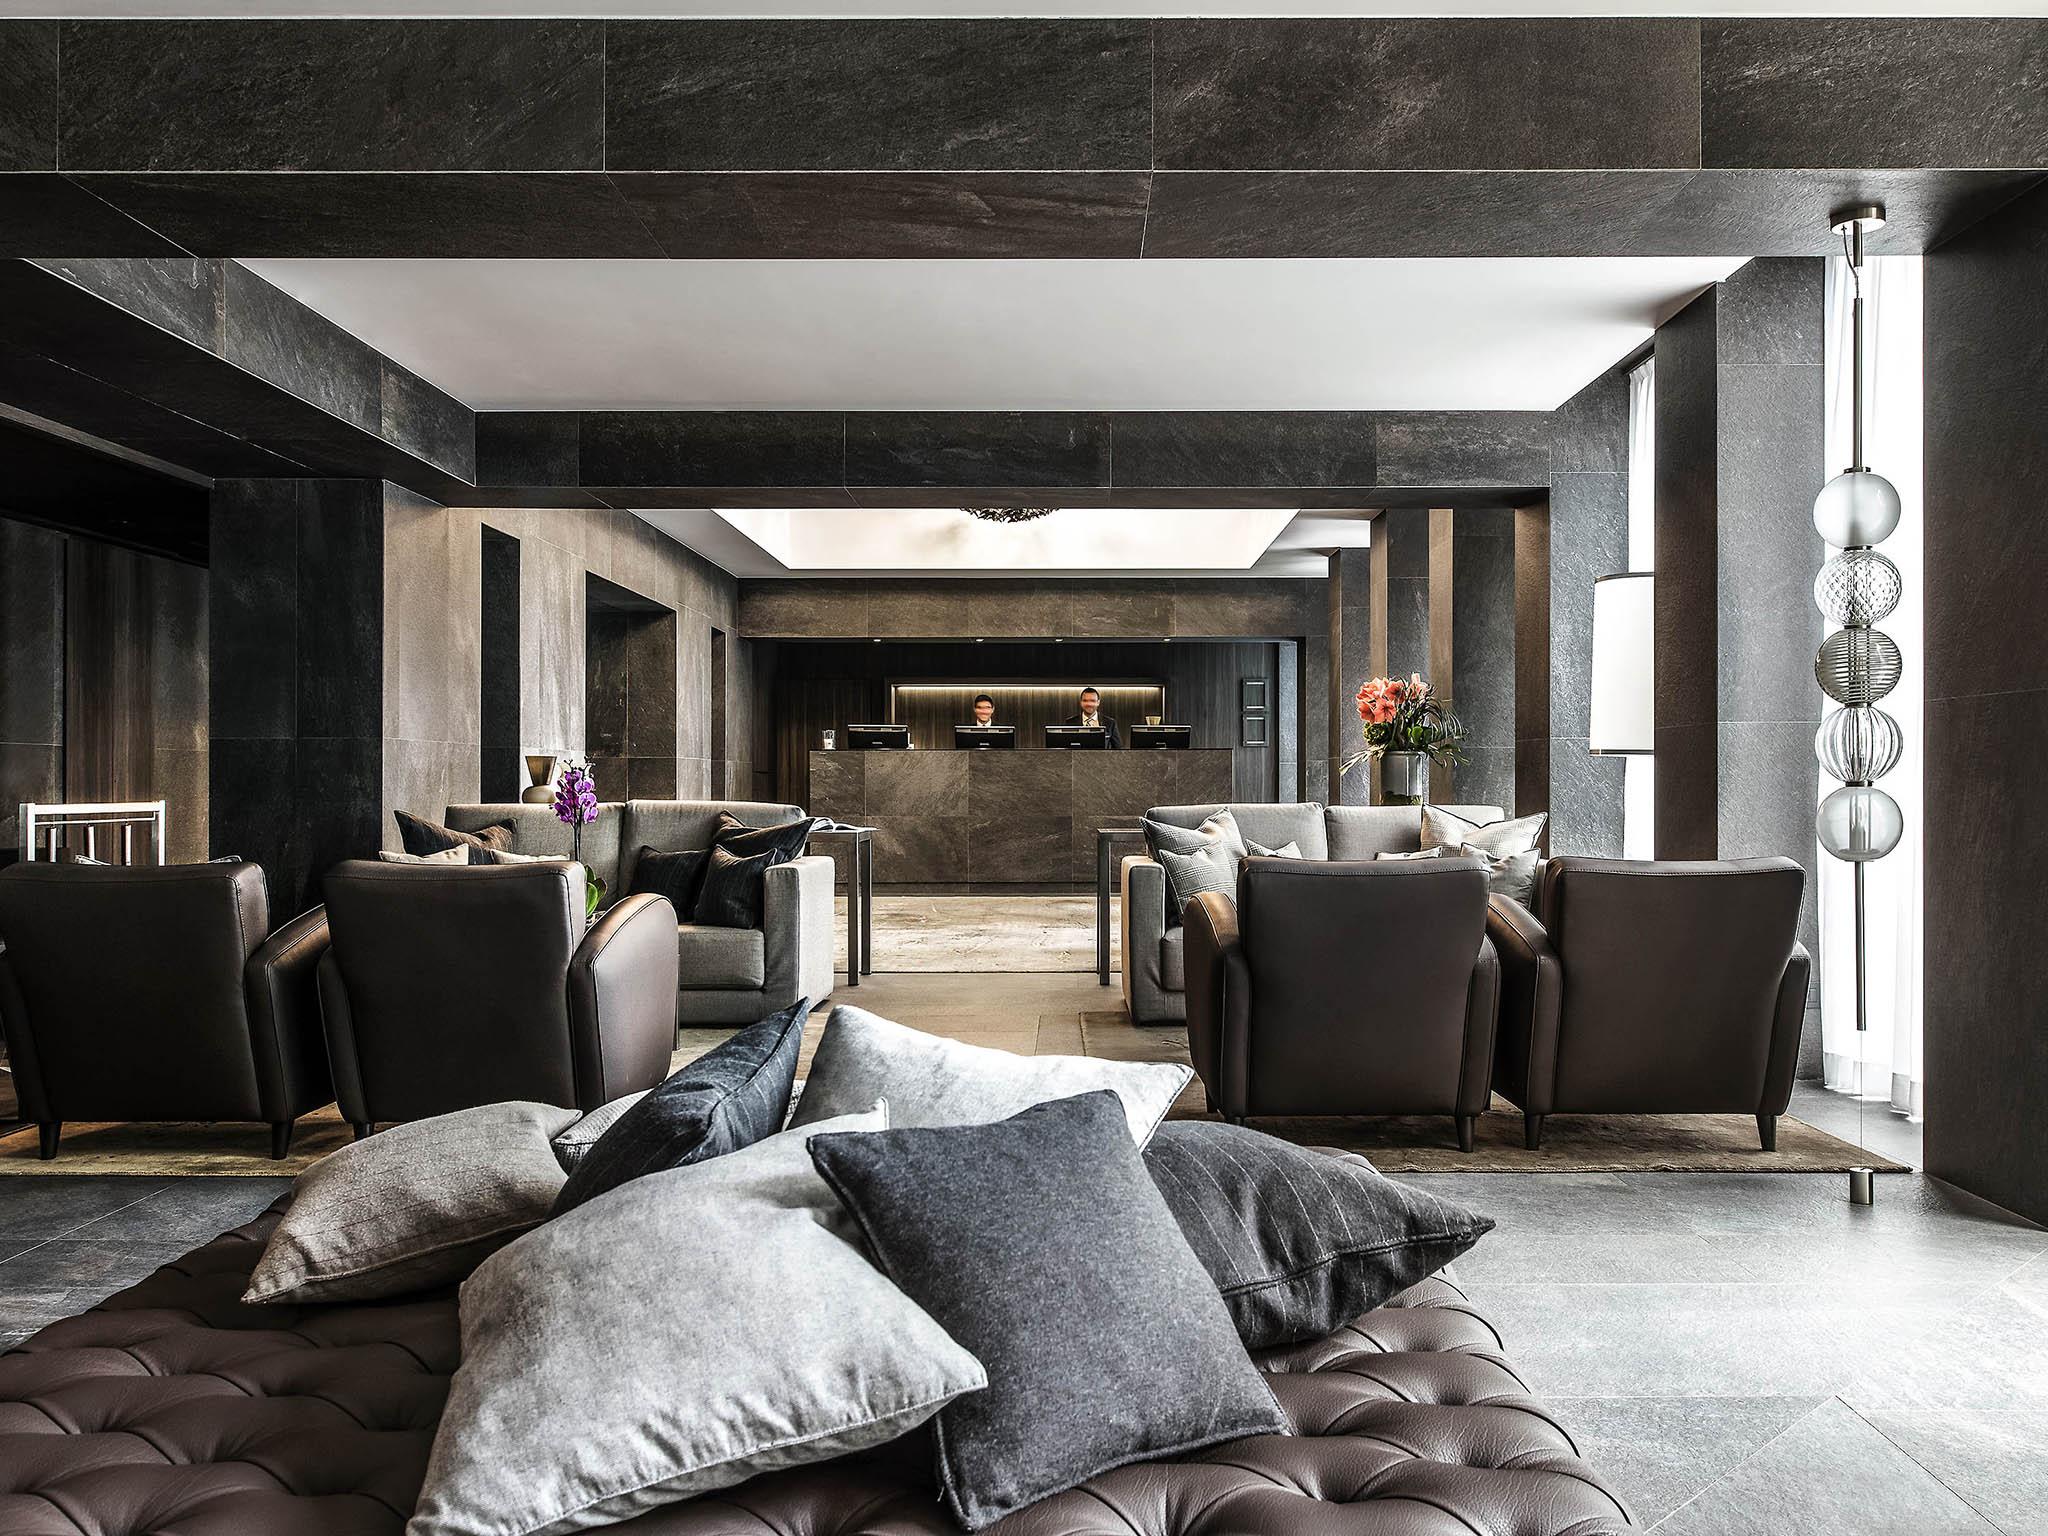 Hotel lagare hotel milano centrale mgallery by sofitel for Interior designer milano